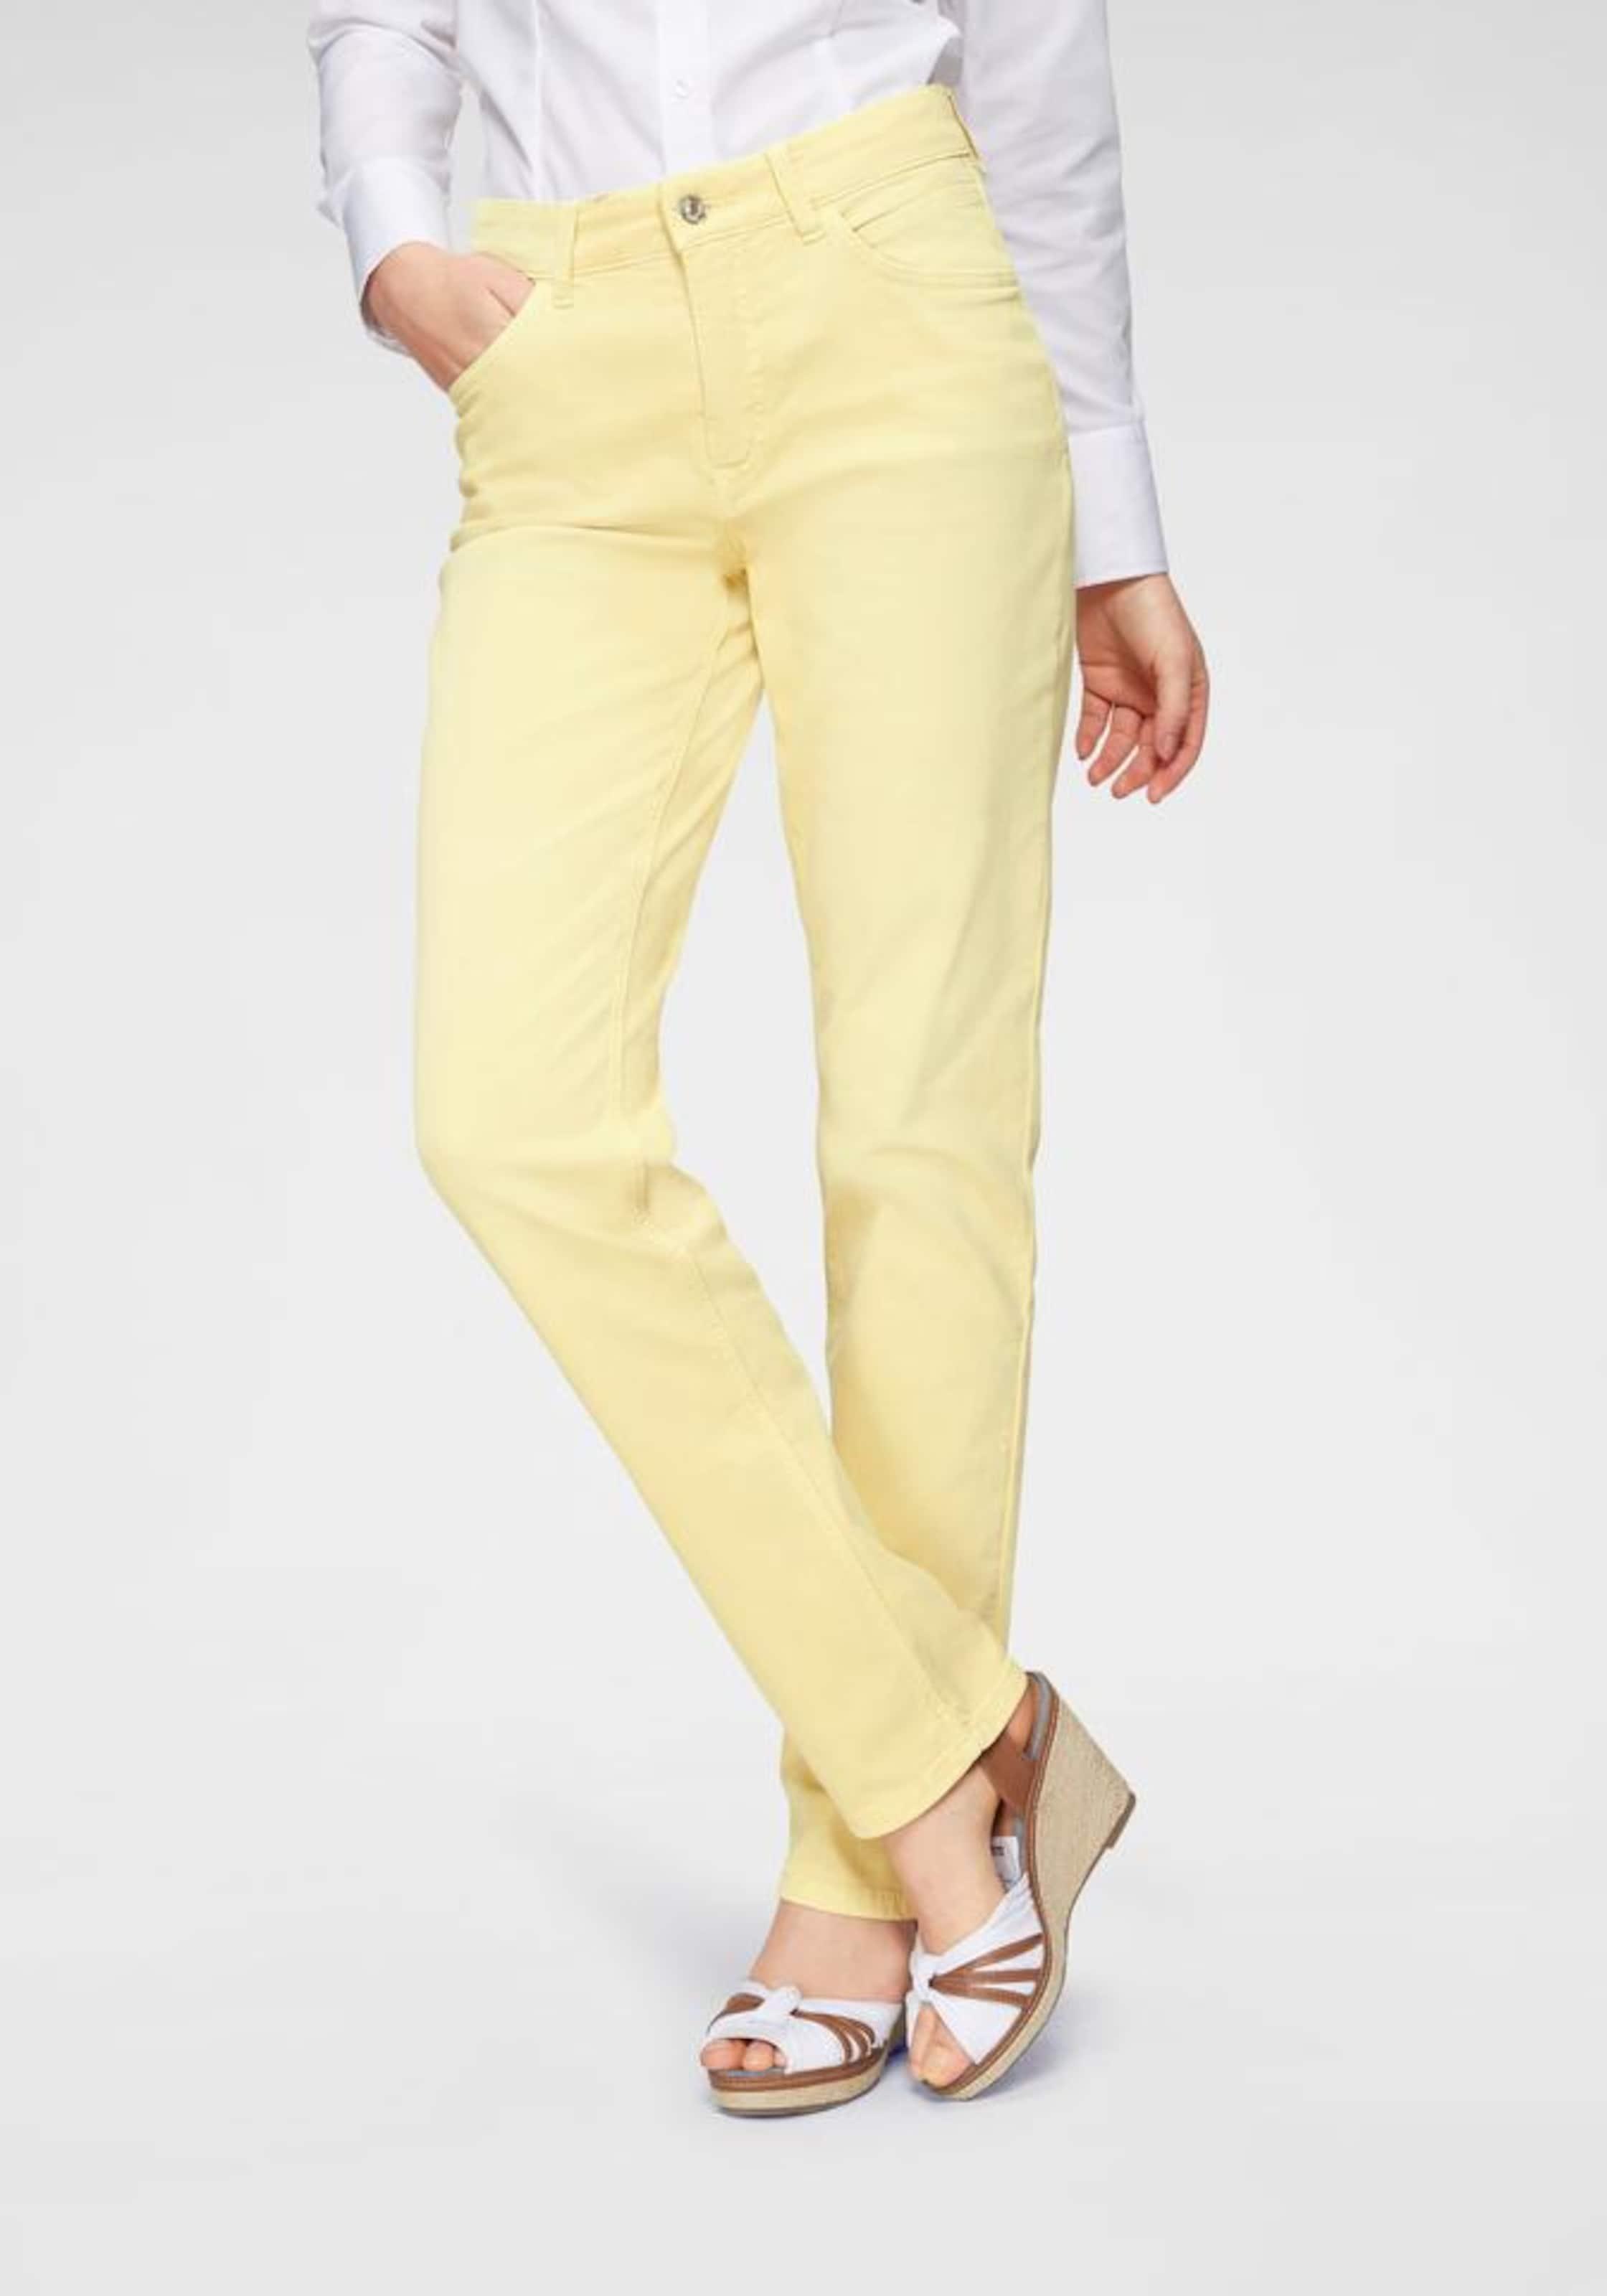 Jeans In Gelb 'angela Mac Summer' wXZTkiPOul